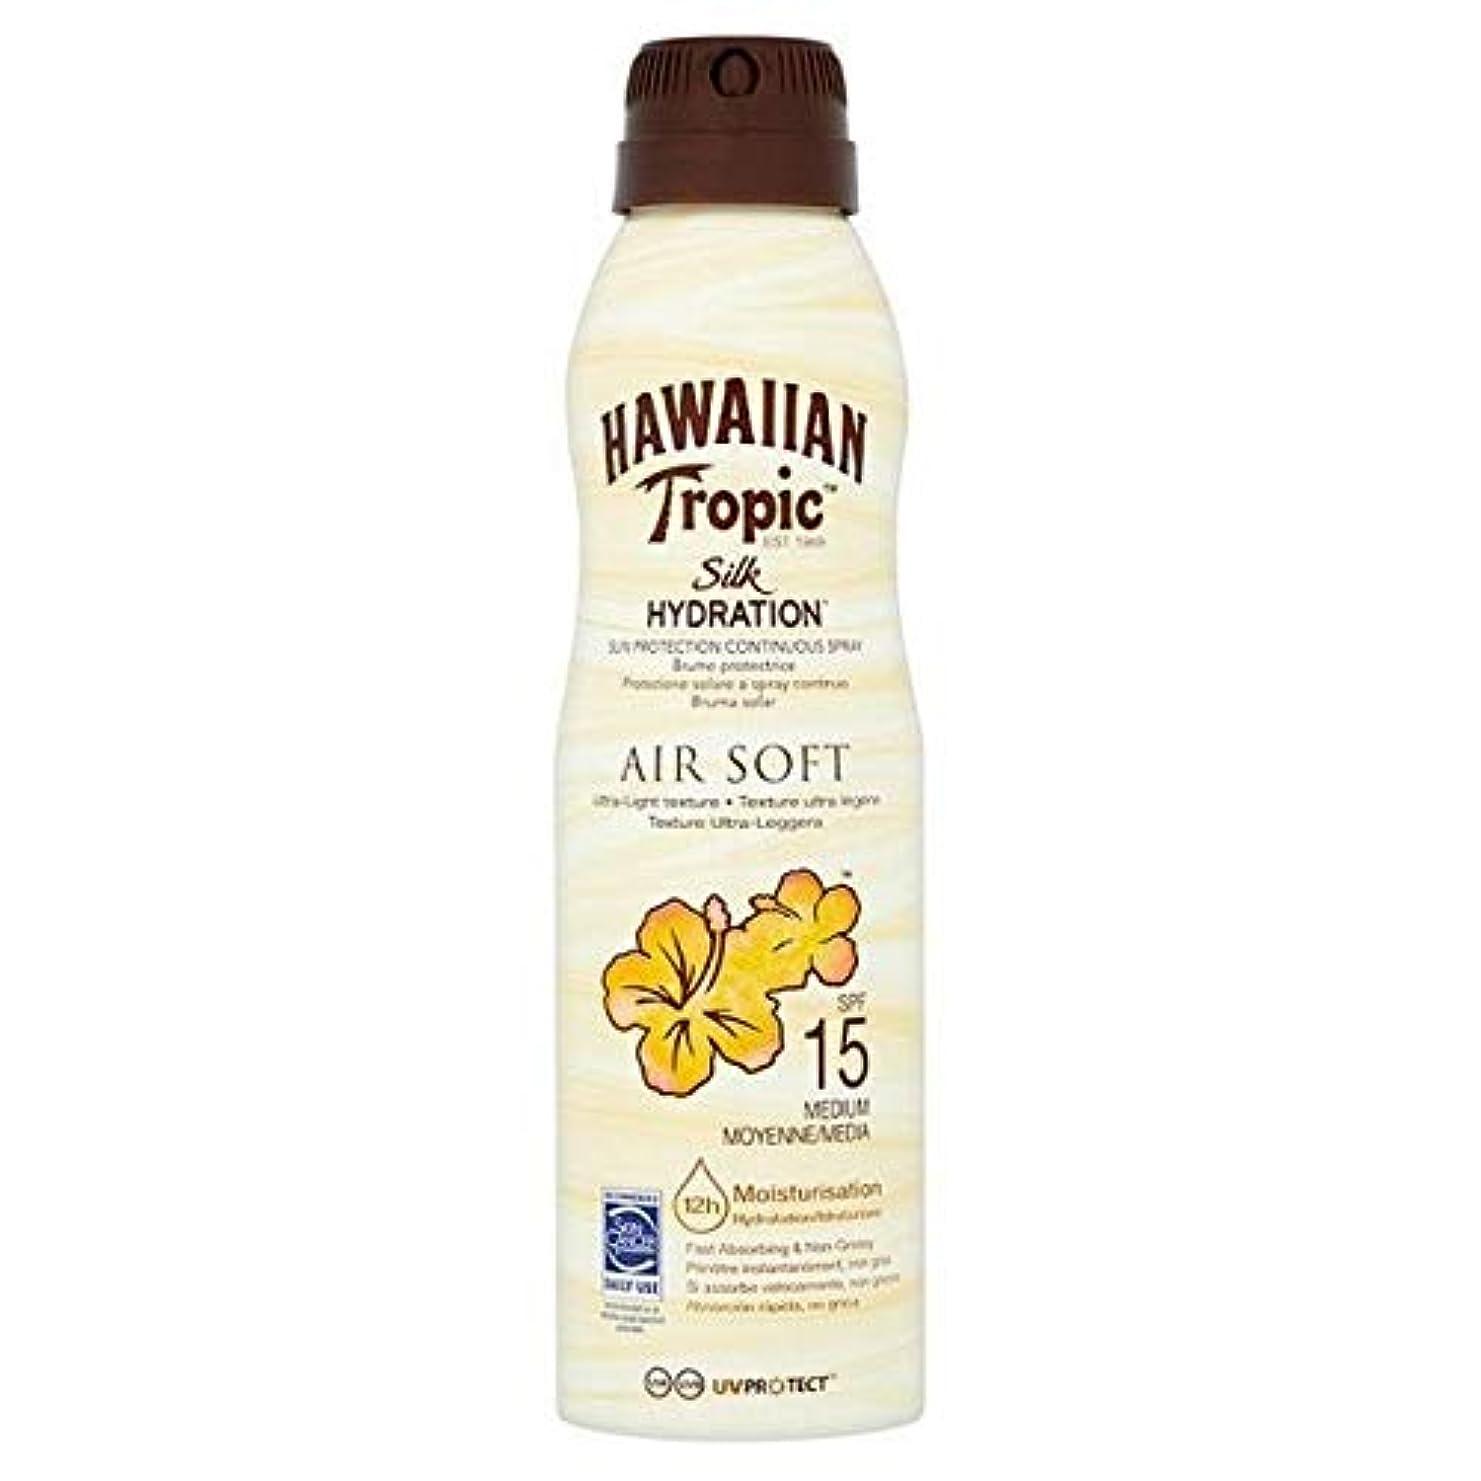 開業医ピアのスコア[Hawaiian Tropic ] H /向性絹水和エアガン連続スプレーSpf15の177ミリリットル - H/Tropic Silk Hydration Airsoft Continuous Spray SPF15...